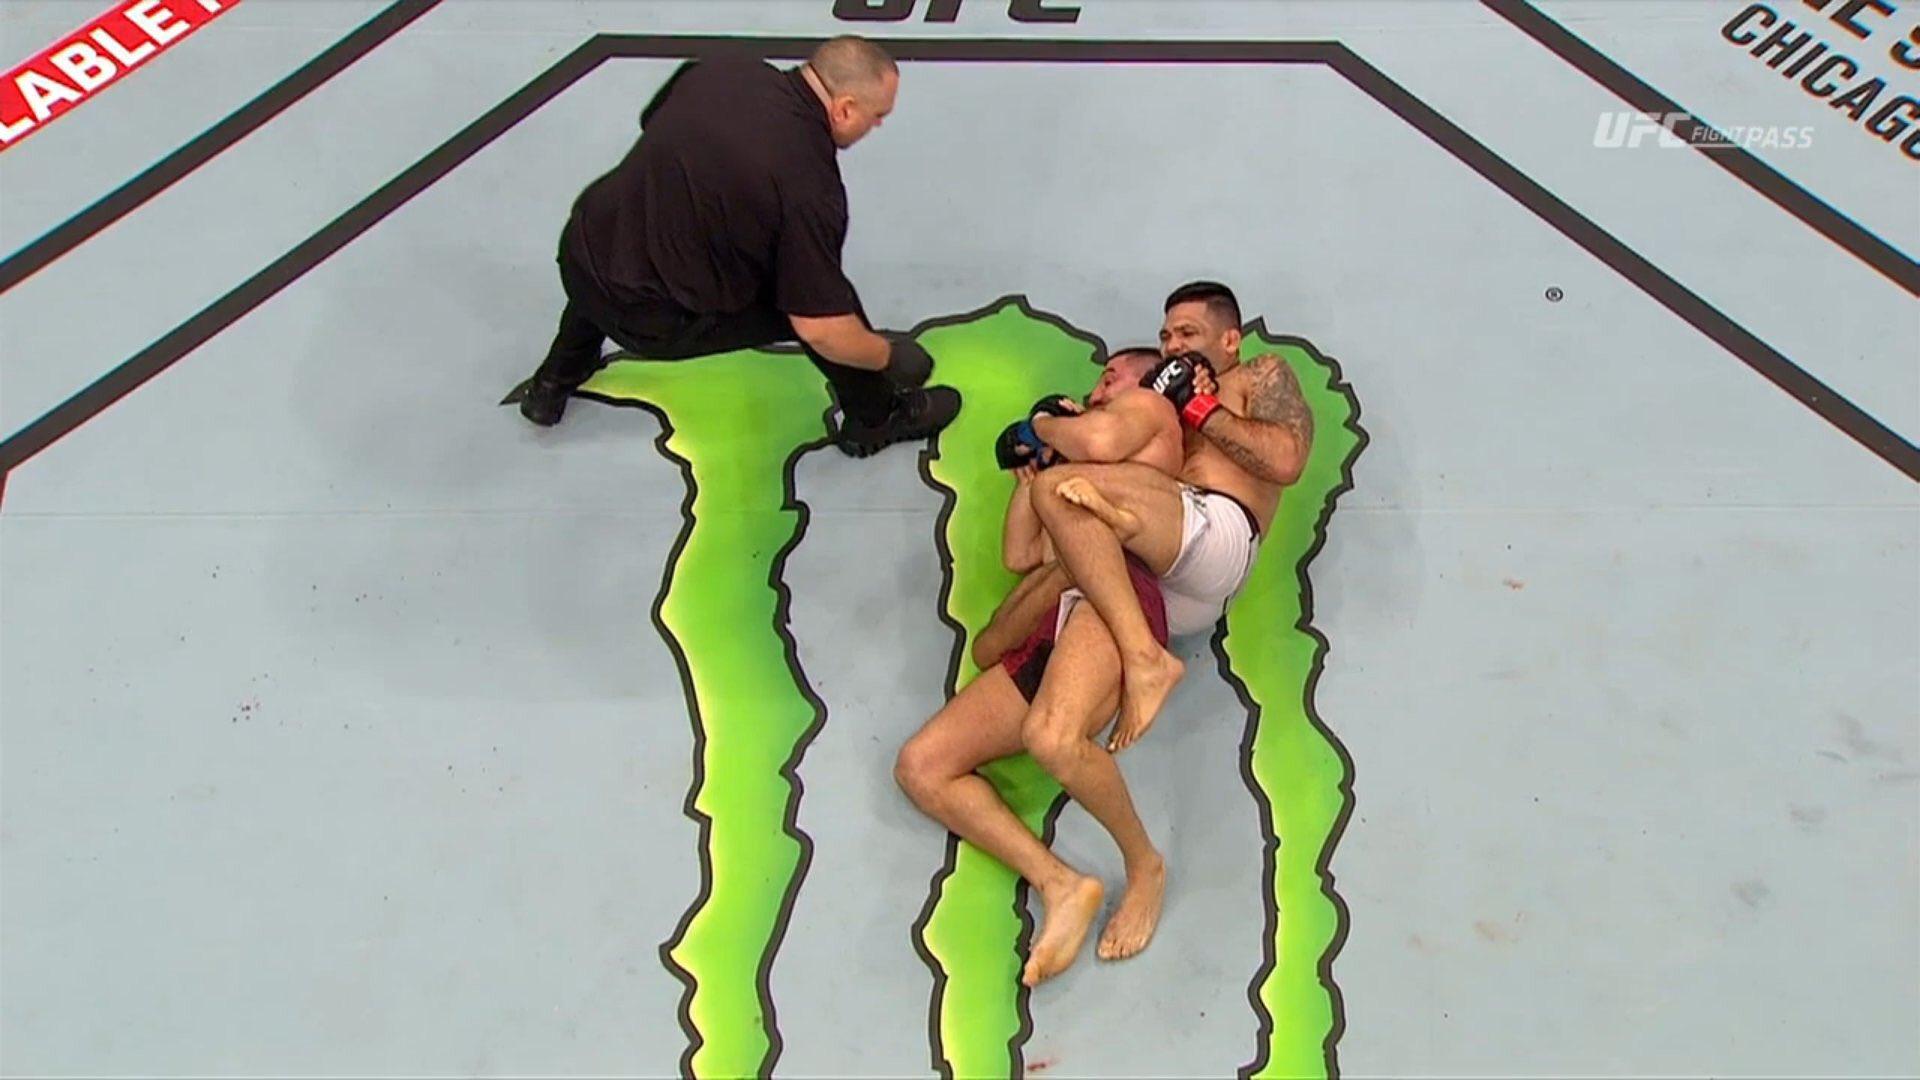 UFC Fight Night 130 Results: Claudio Henrique da Silva defeated Nordine Taleb via Submission in Round 1 -